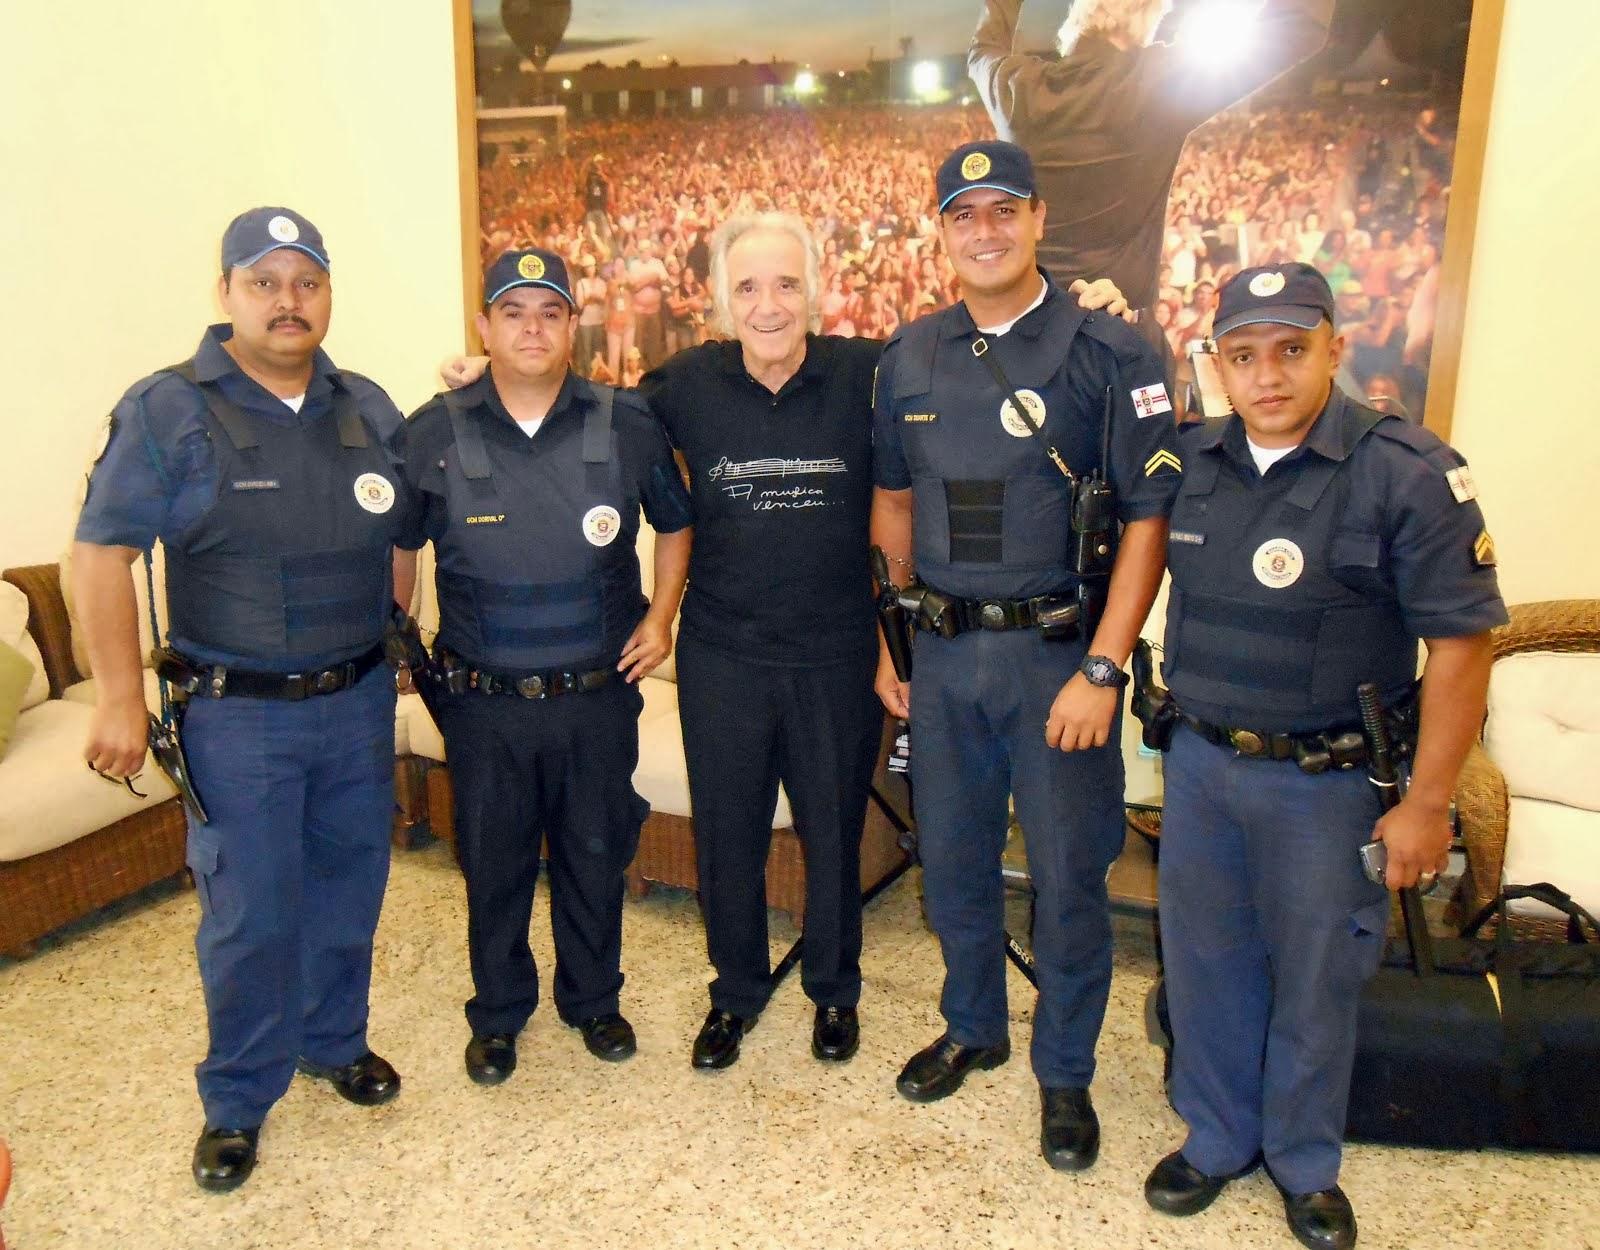 Equipe da Guarda Civil Metropolitana visita e apoia ação social do Maestro João Carlos Martins